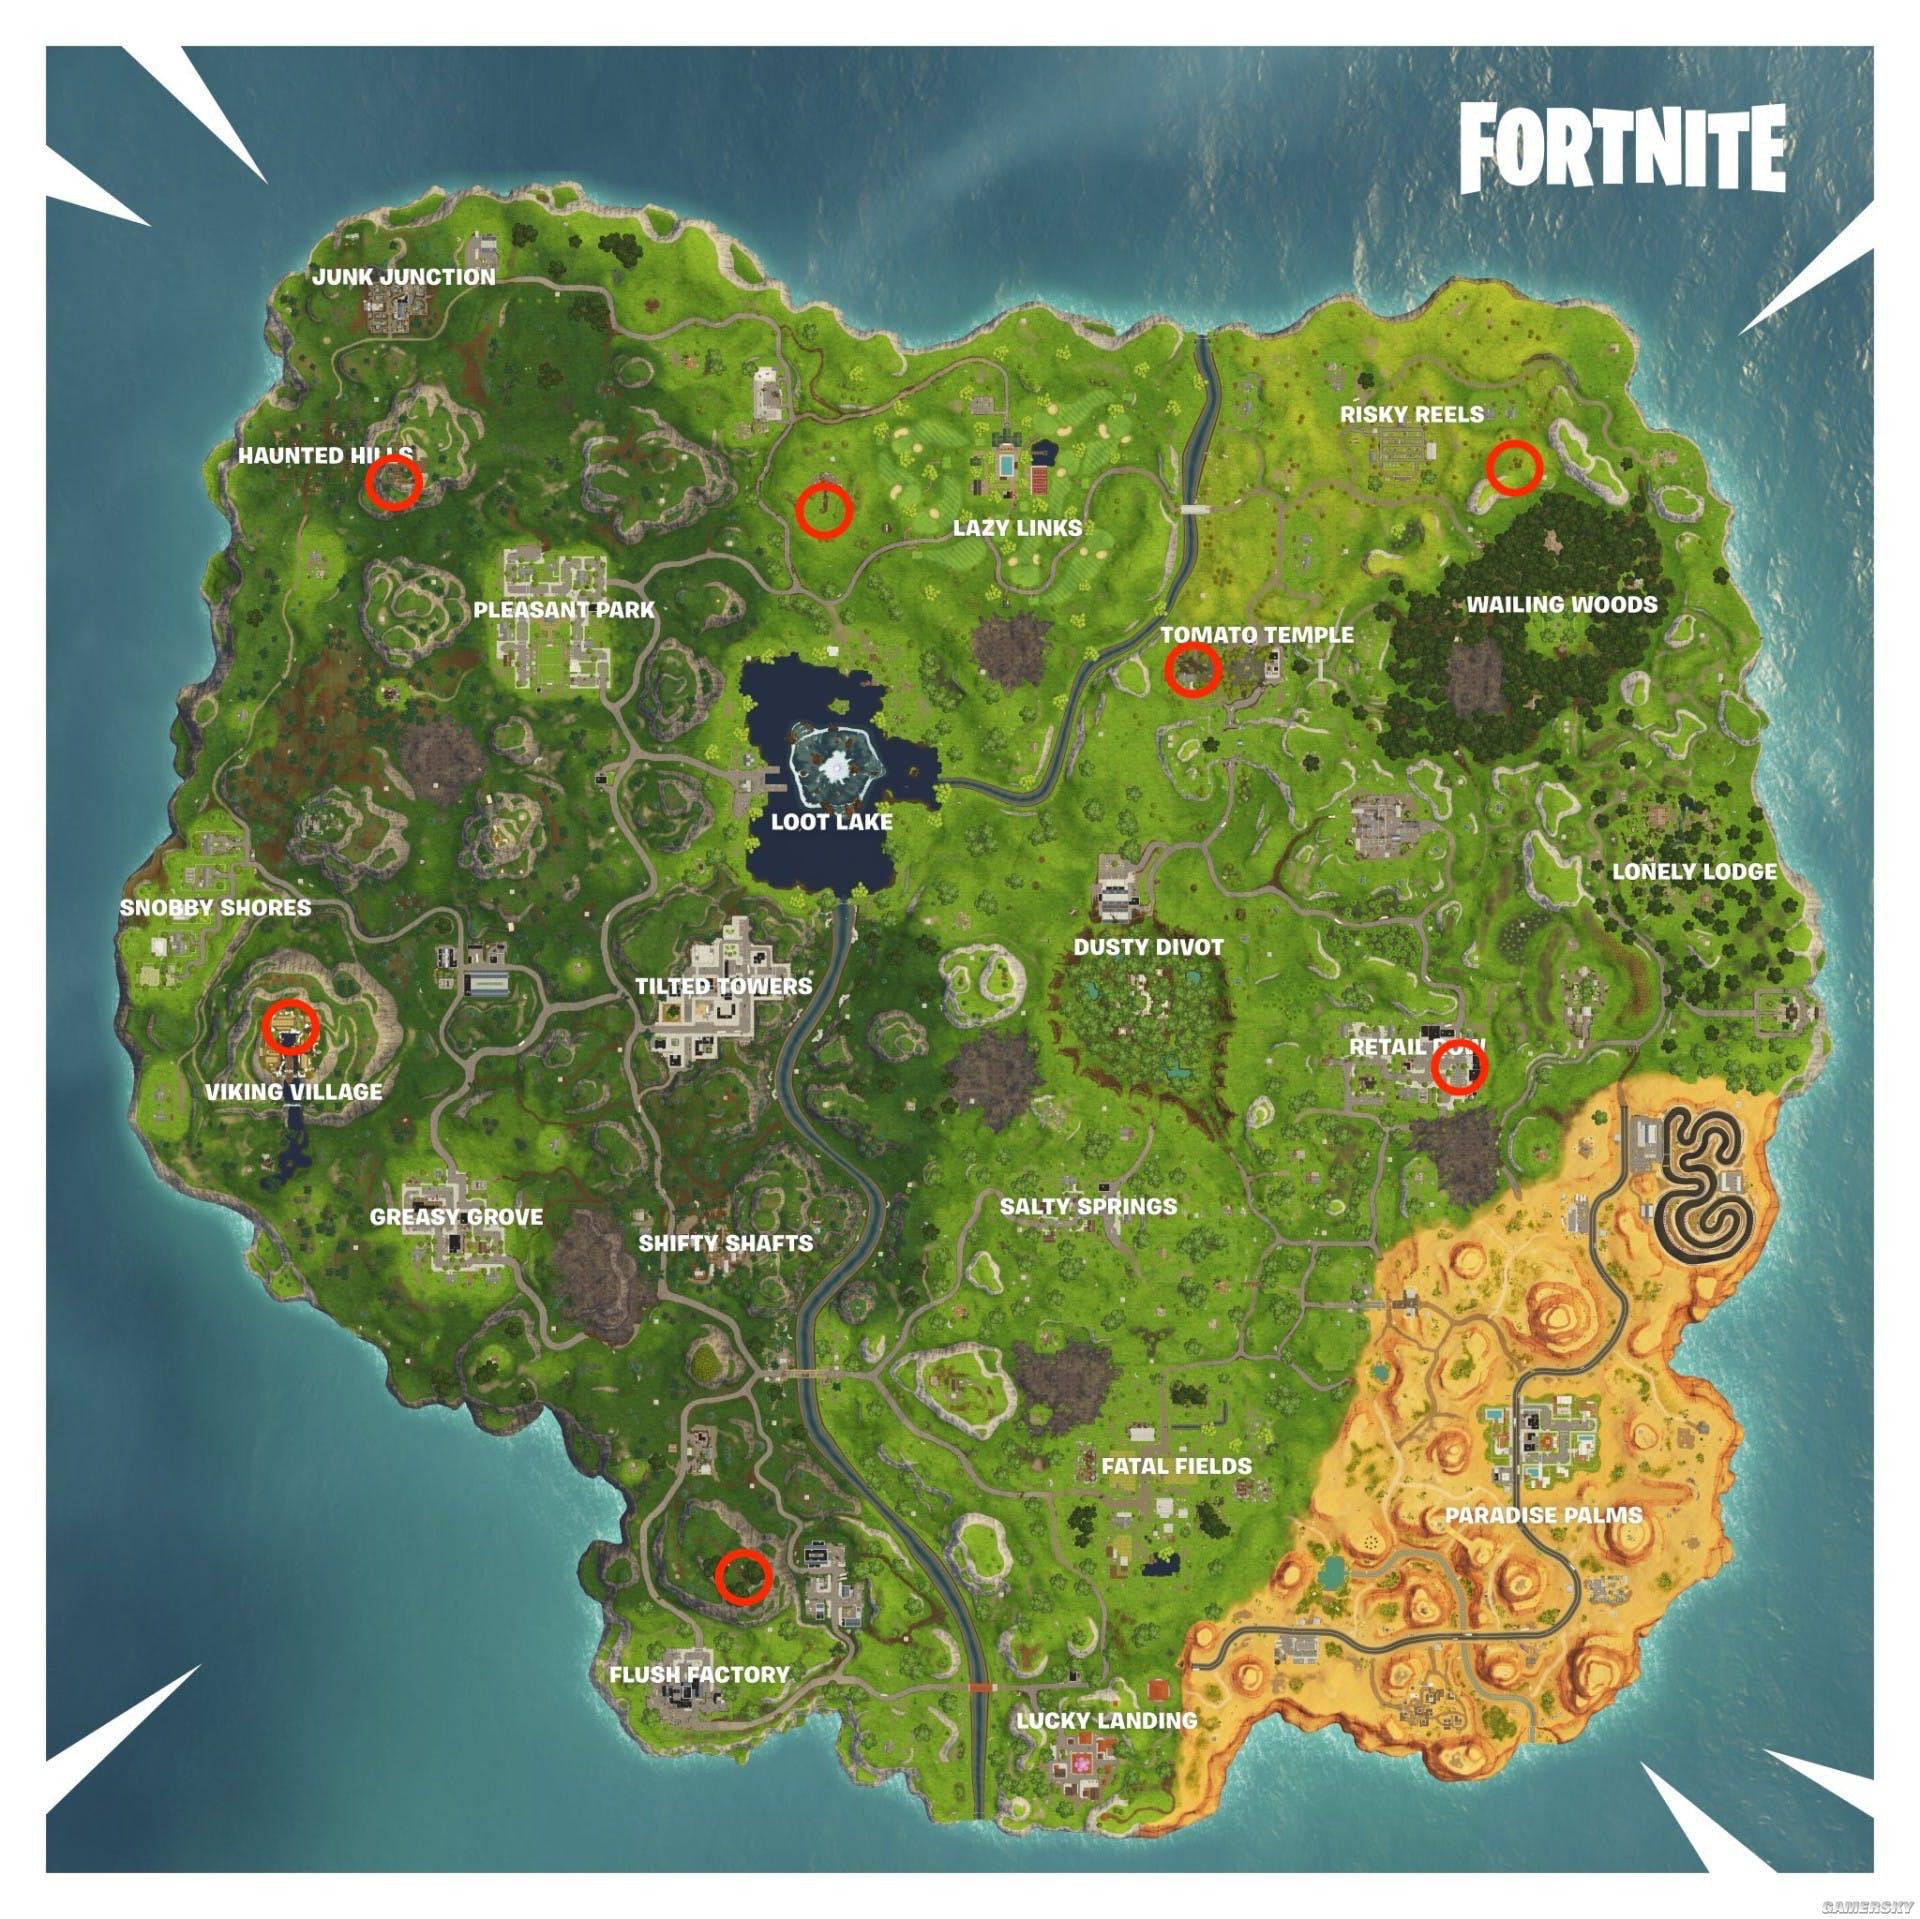 'Fortnite' Fortnitemares Gargoyle Map